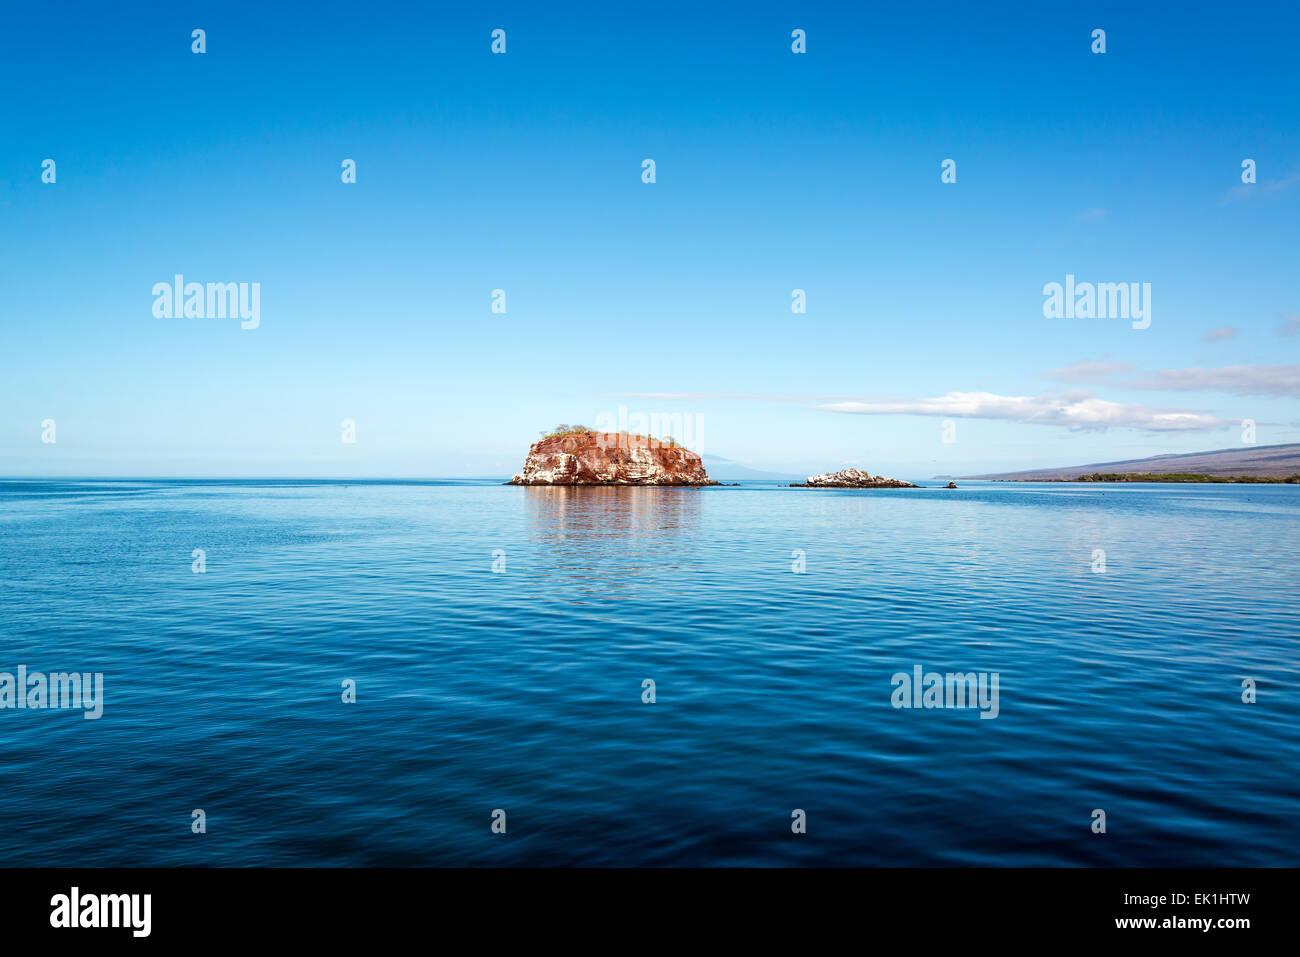 Les petits états insulaires et de l'eau d'un bleu profond au large de la côte d'Isabela dans Photo Stock